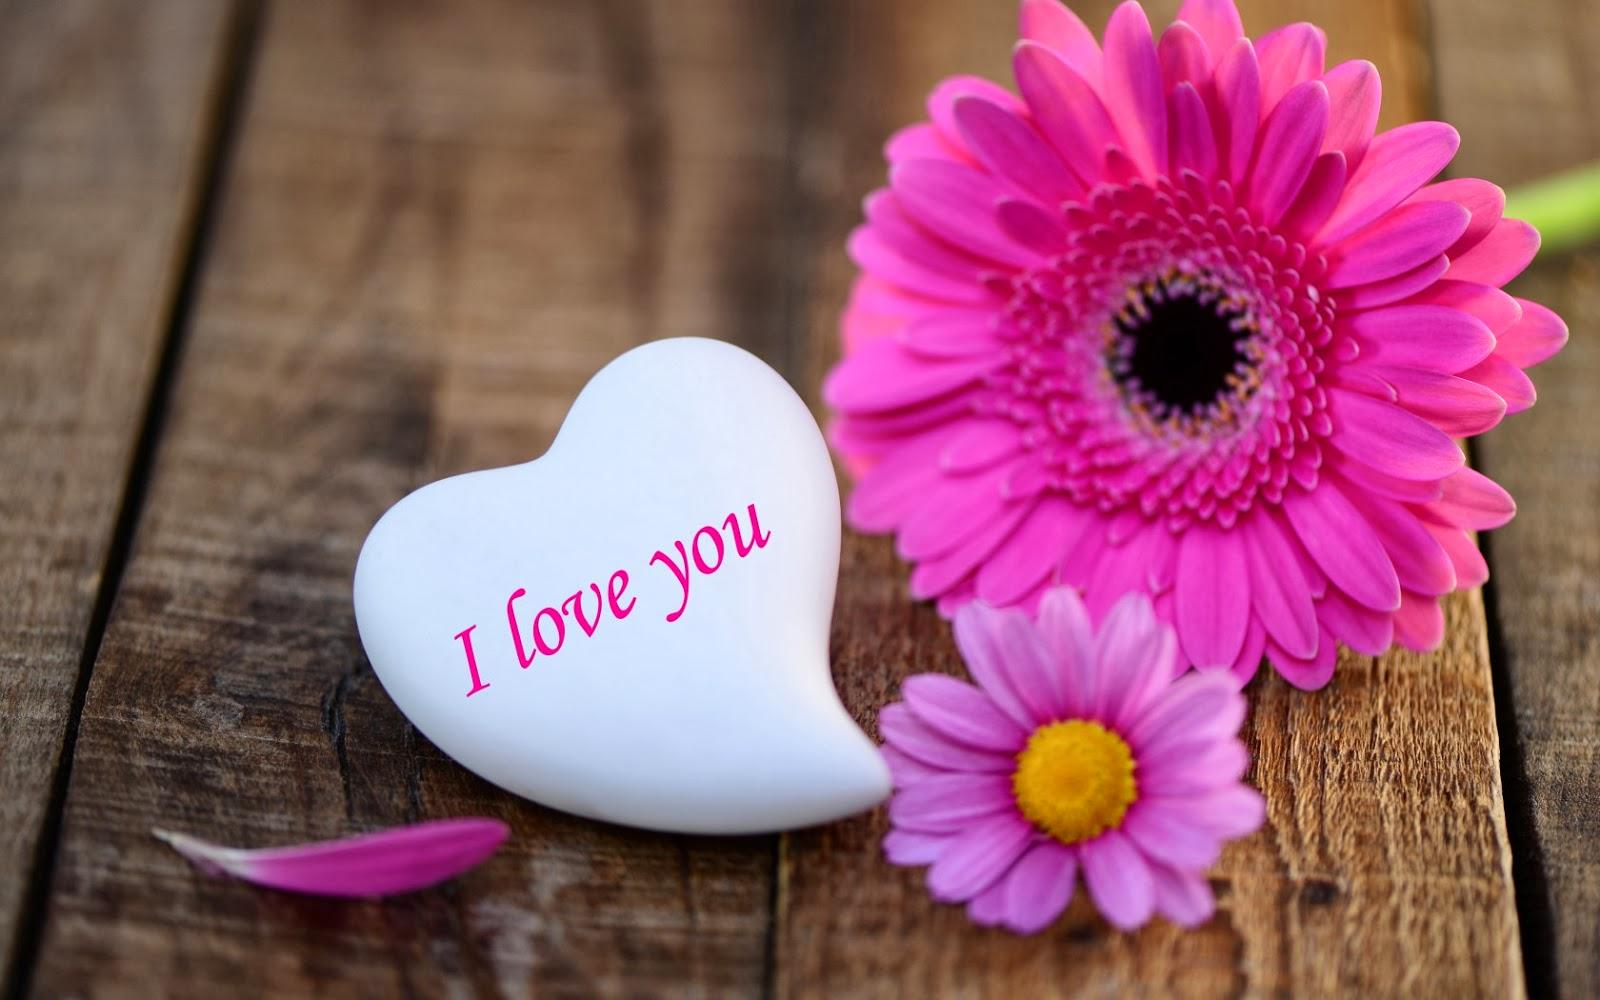 بالصور صور جميله رومانسيه , روعه العشق والغرام والرومانسيه بالصور 4966 3